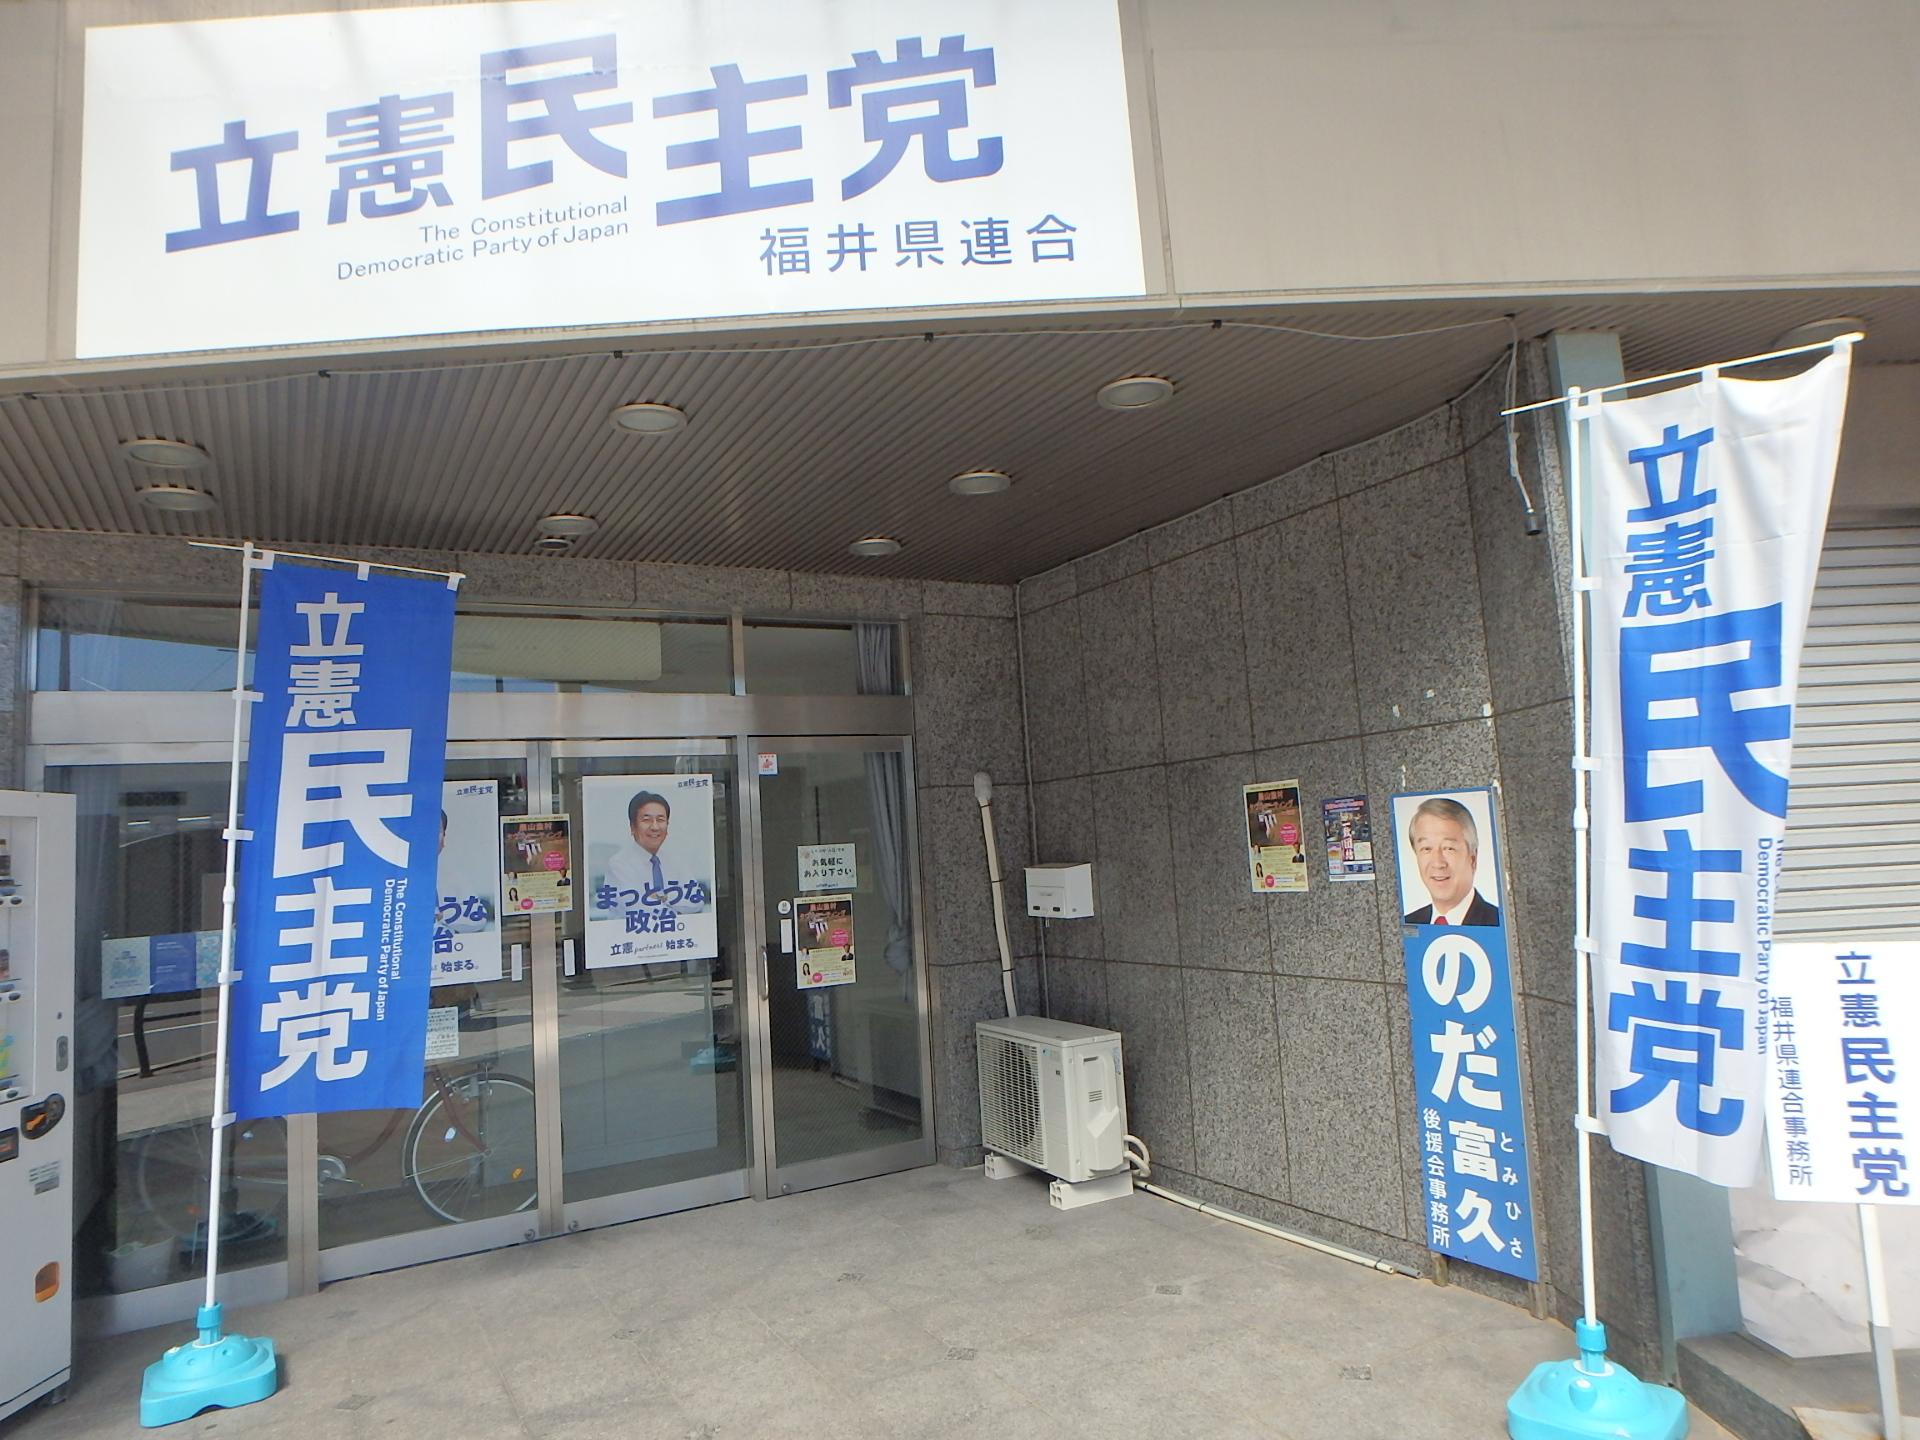 立憲民主党福井県連合 事務所